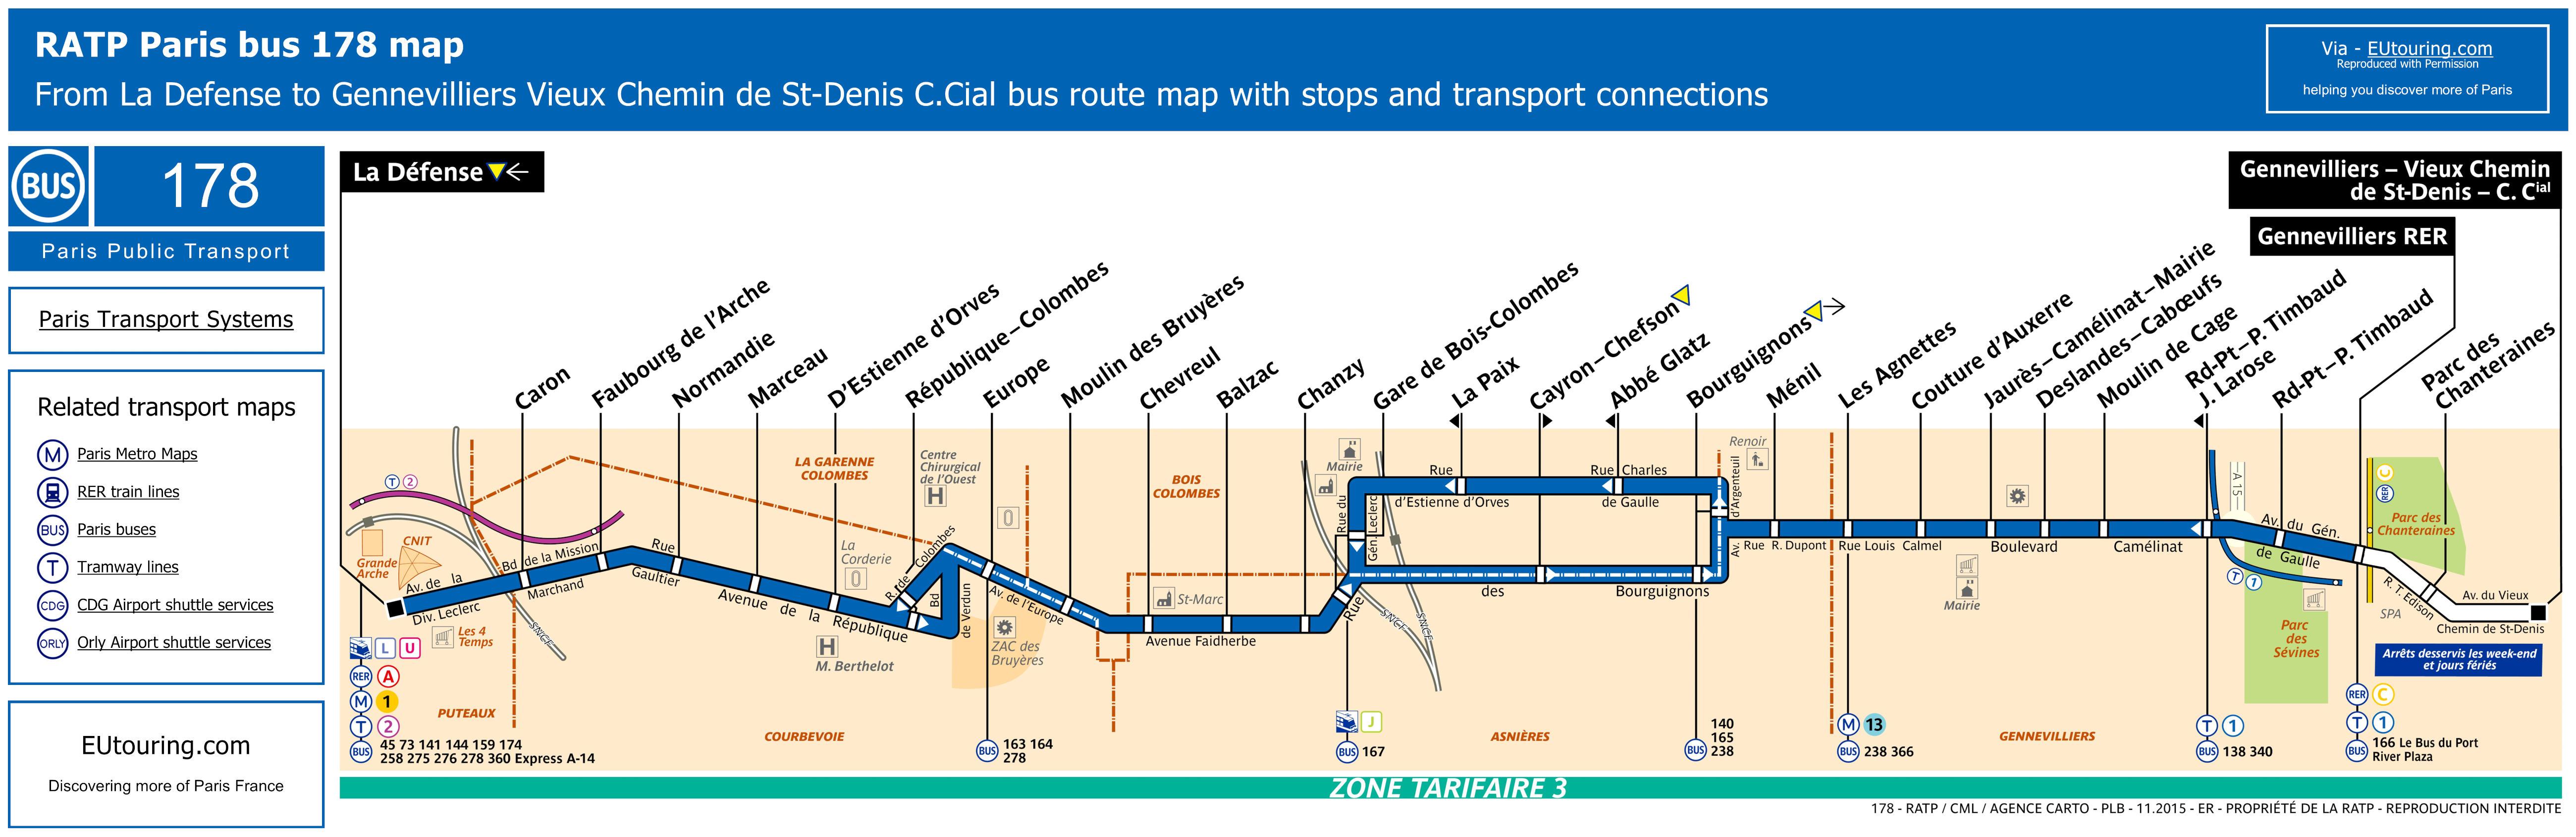 RATP Bus Line 178 - Image (HQ ...